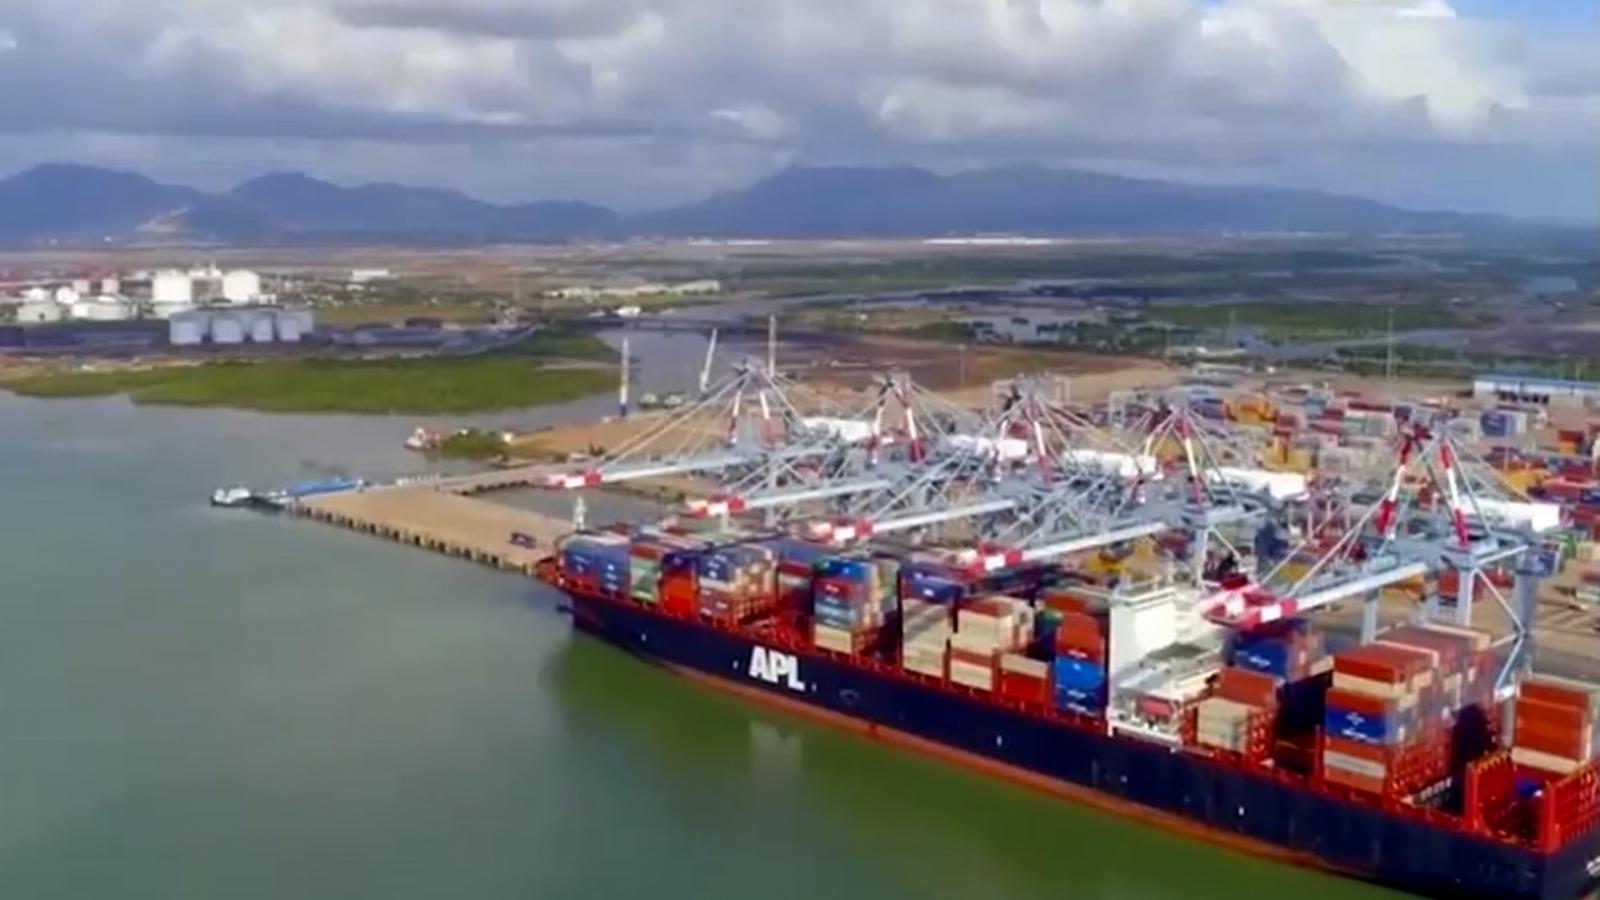 Bà Rịa - Vũng Tàu có 10 dự án cảng biển chậm triển khai